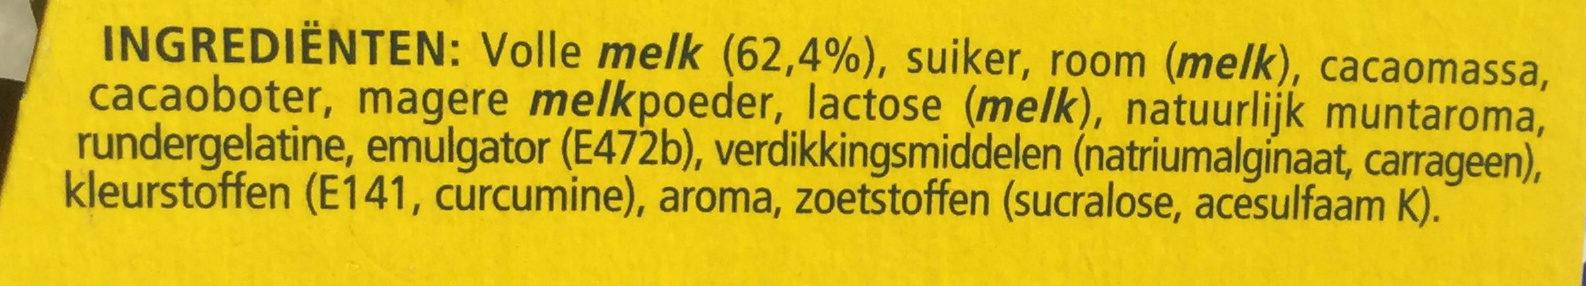 Feuilleté de Mousse Menthe - Ingrediënten - nl